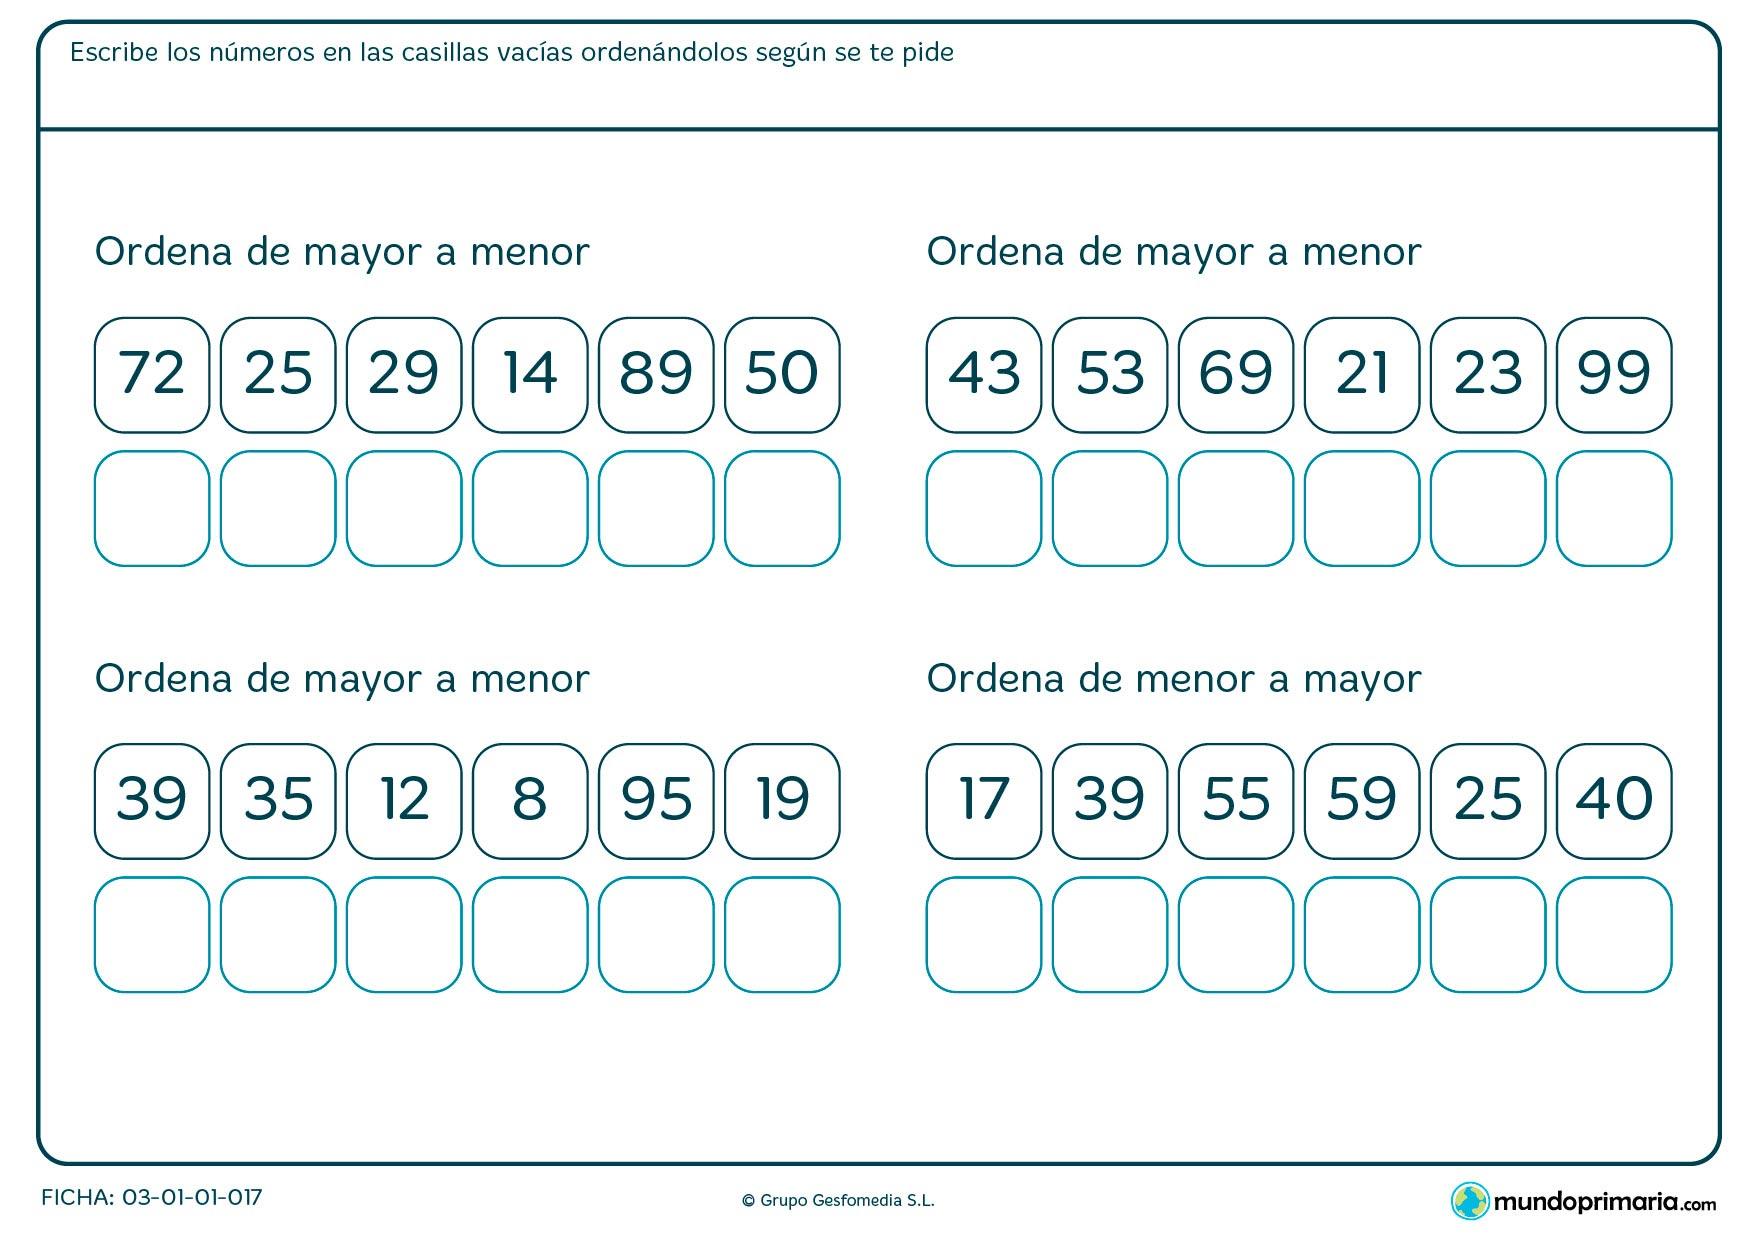 Ficha de recolocar los números en el que hay que poner los números en la casilla correspondiente de forma ordenada.